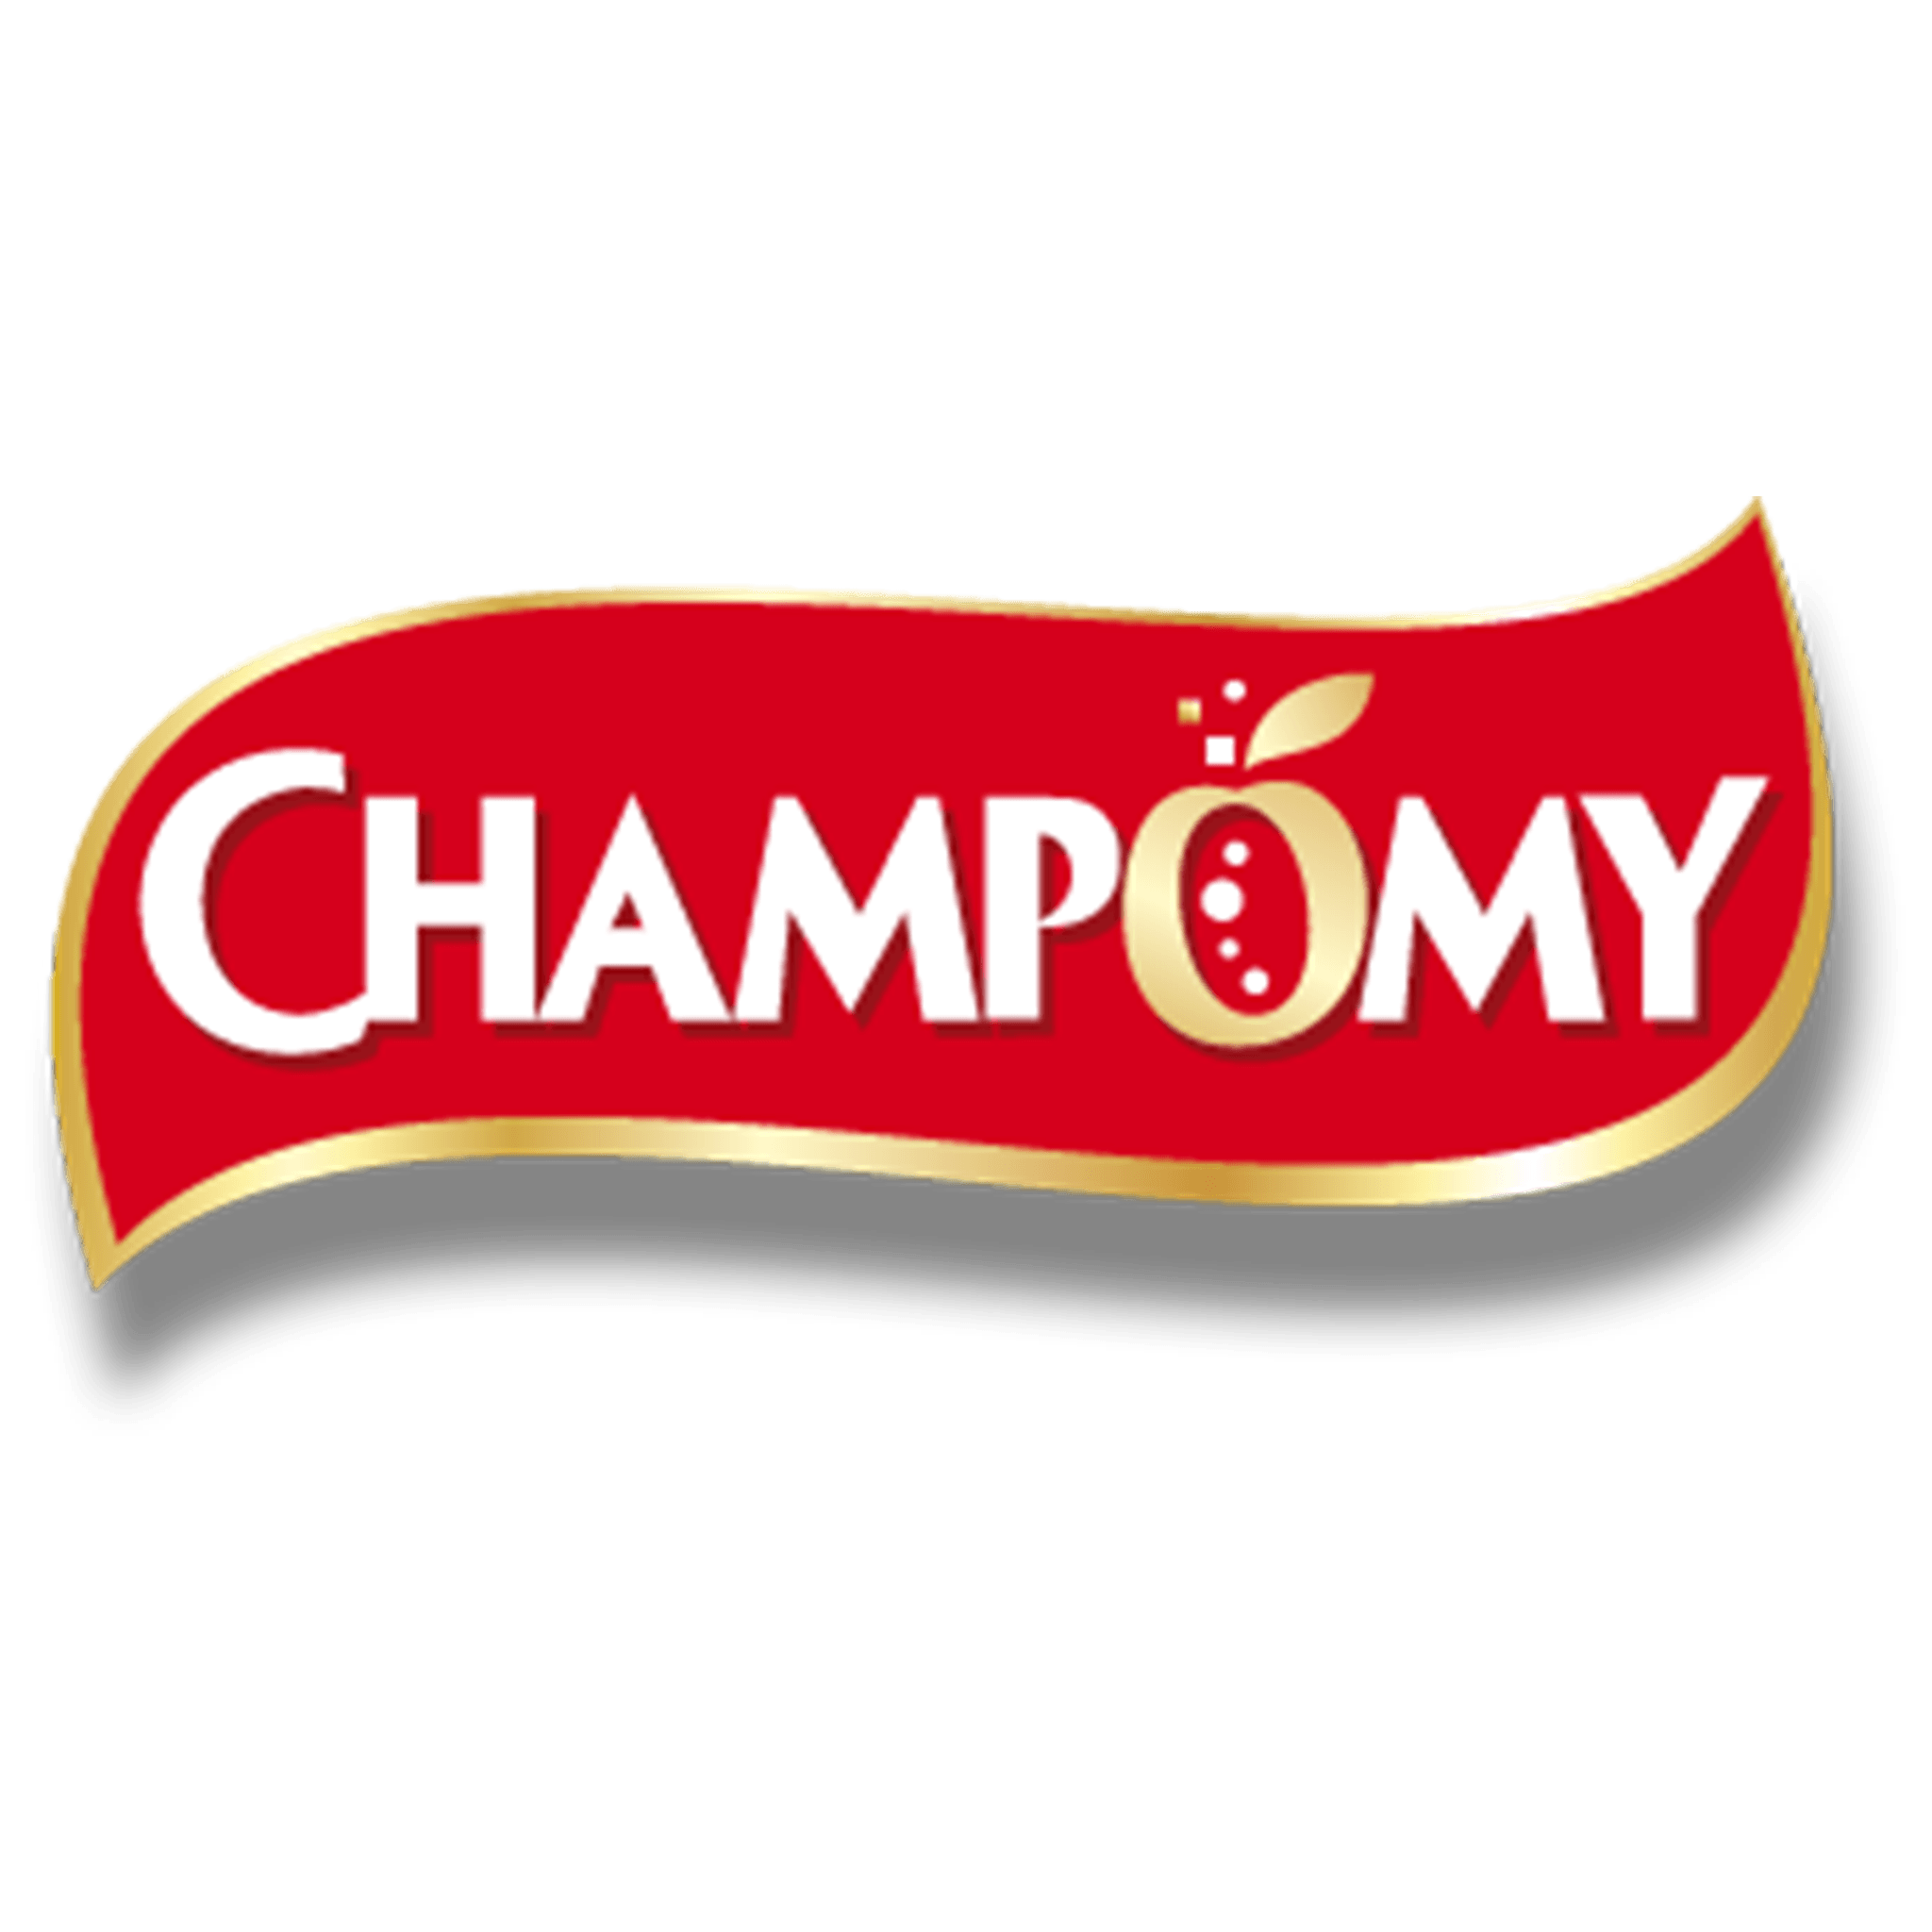 Champomy Logo